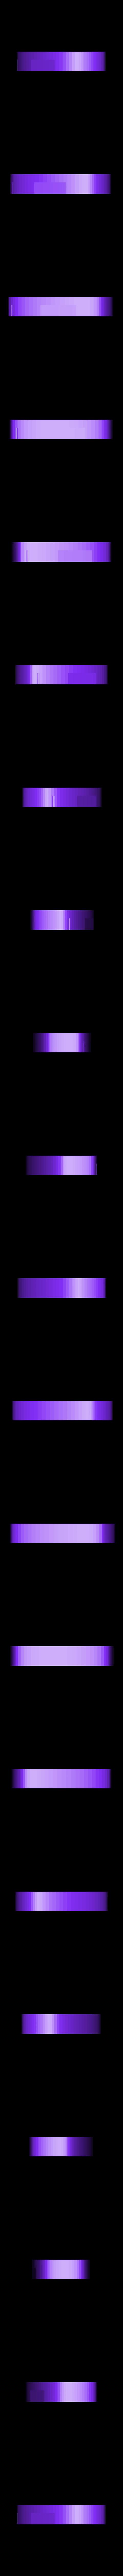 """O-2.stl Télécharger fichier STL gratuit LED light letters """"Why not?"""" • Objet pour impression 3D, dukedoks"""